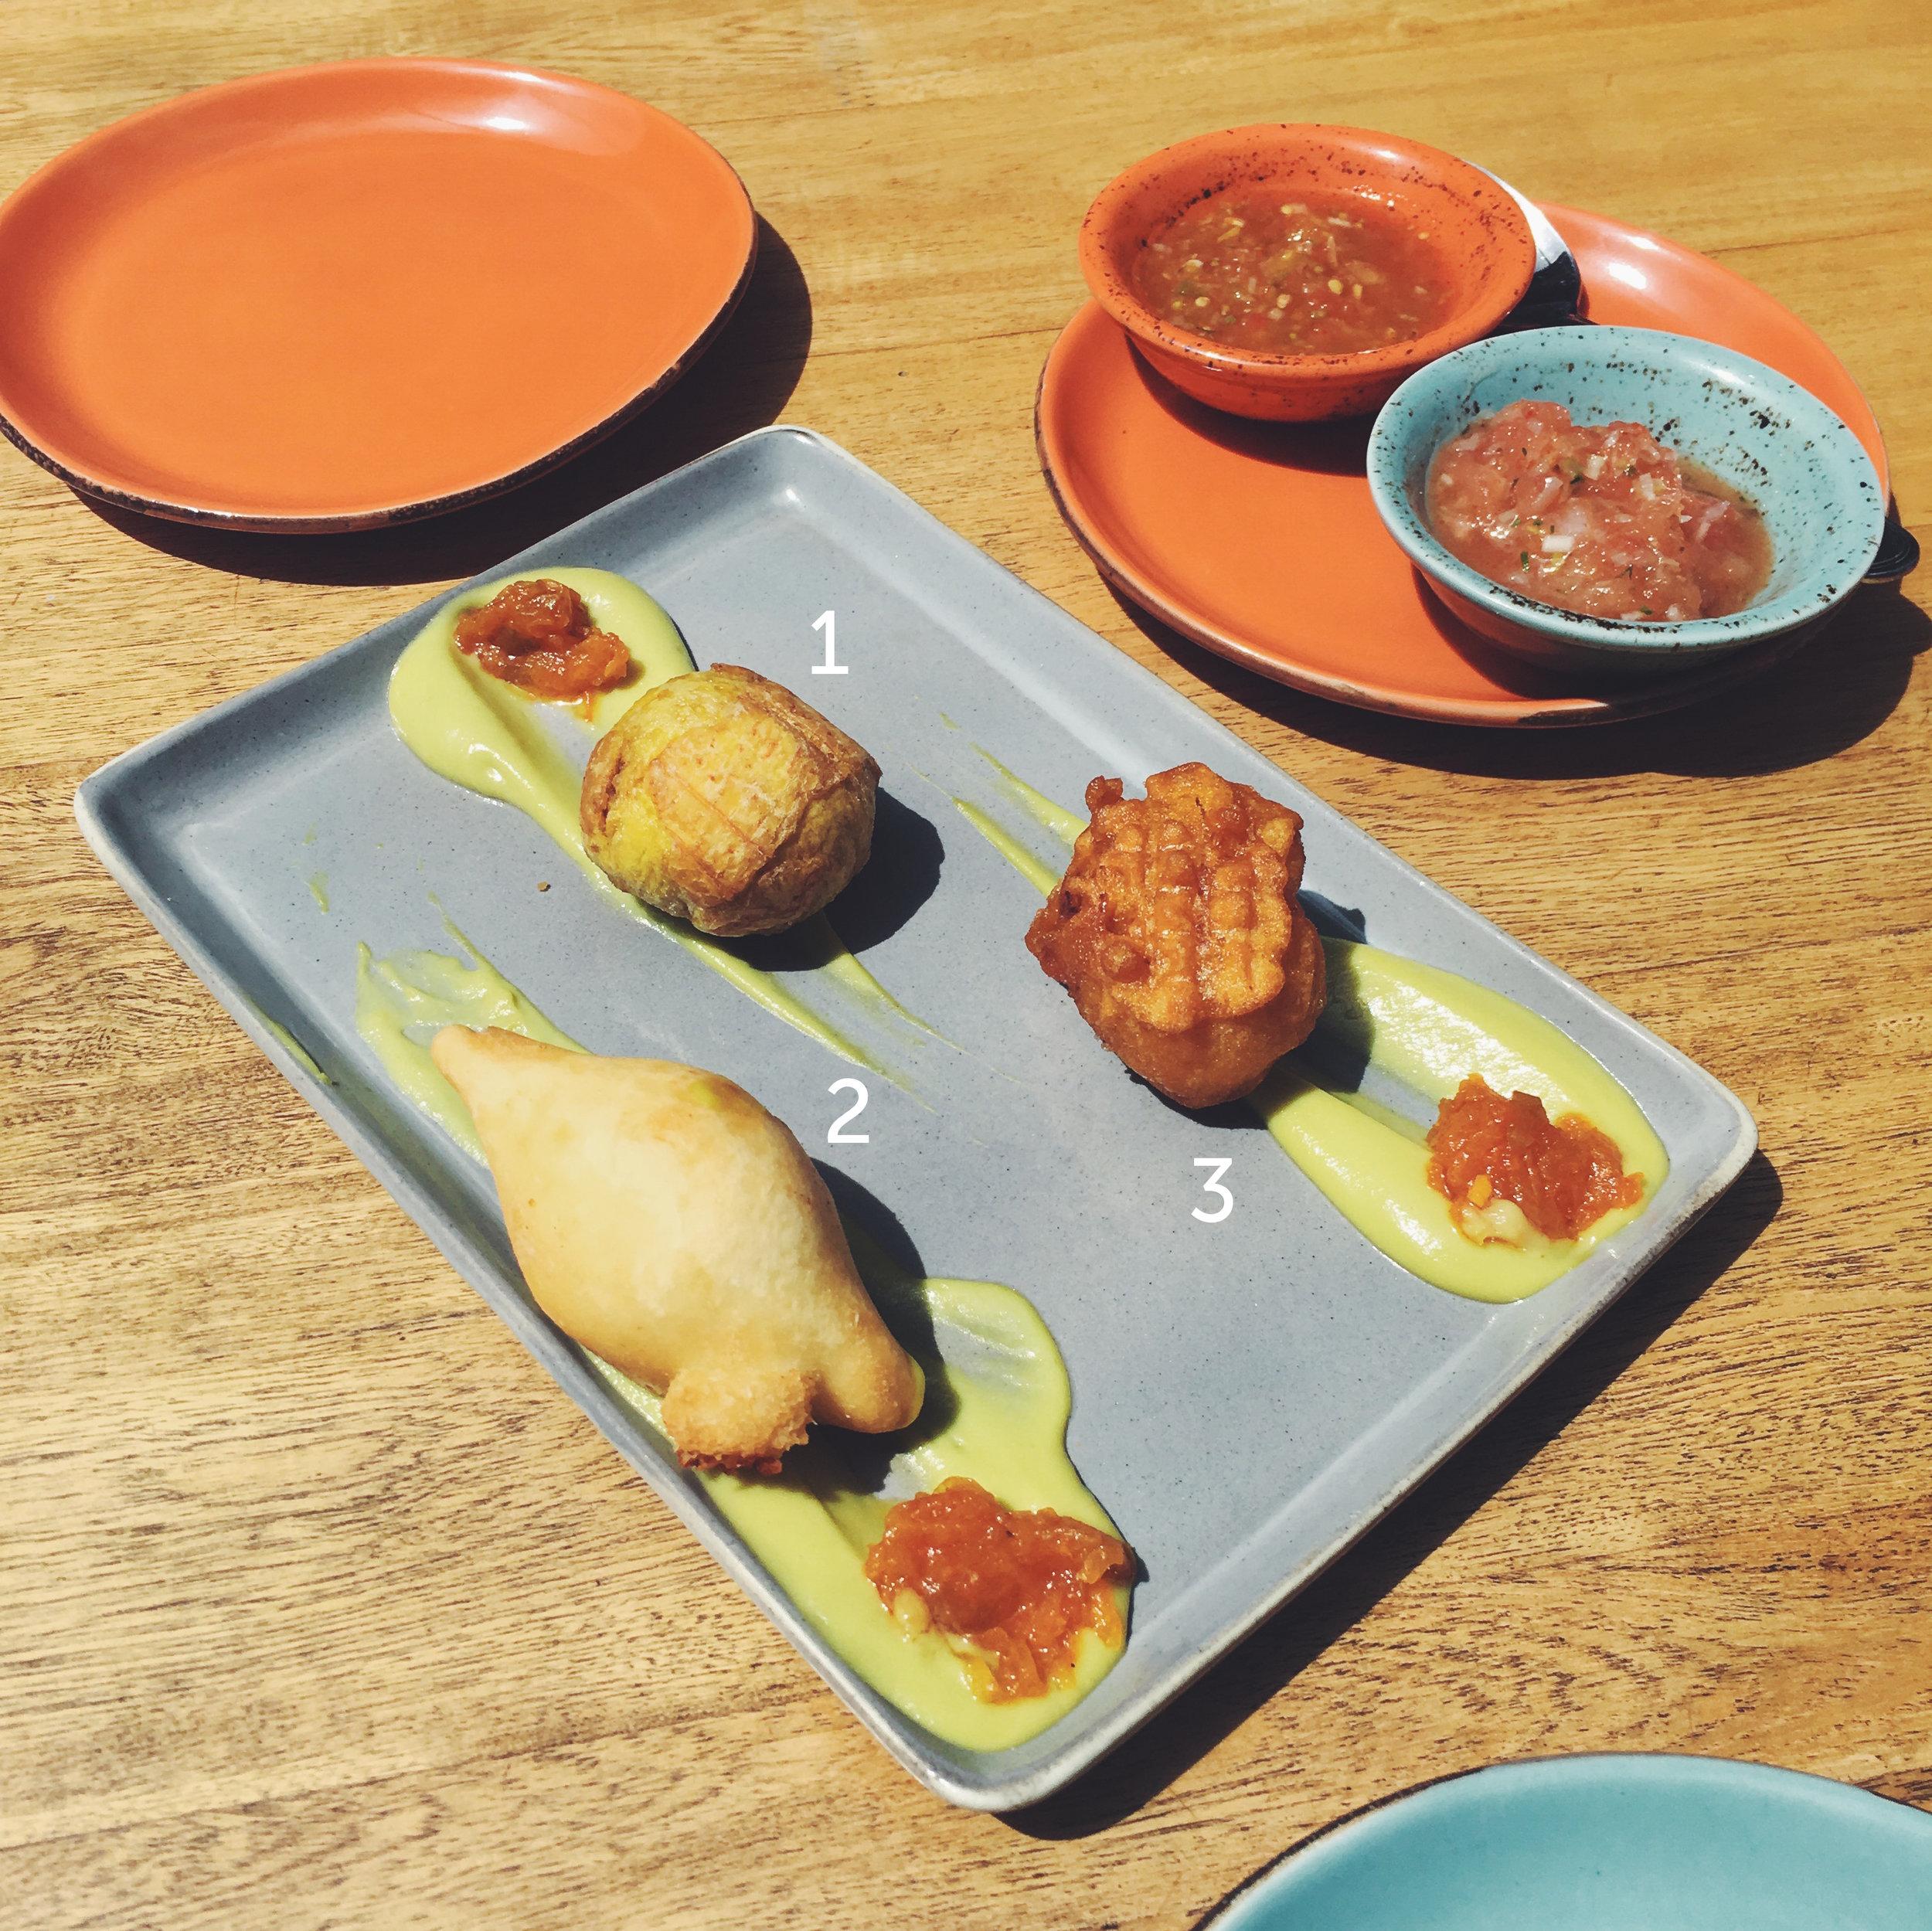 Surtido de Fritos  served with avocado cream,  hogao  and sweet and savory ají